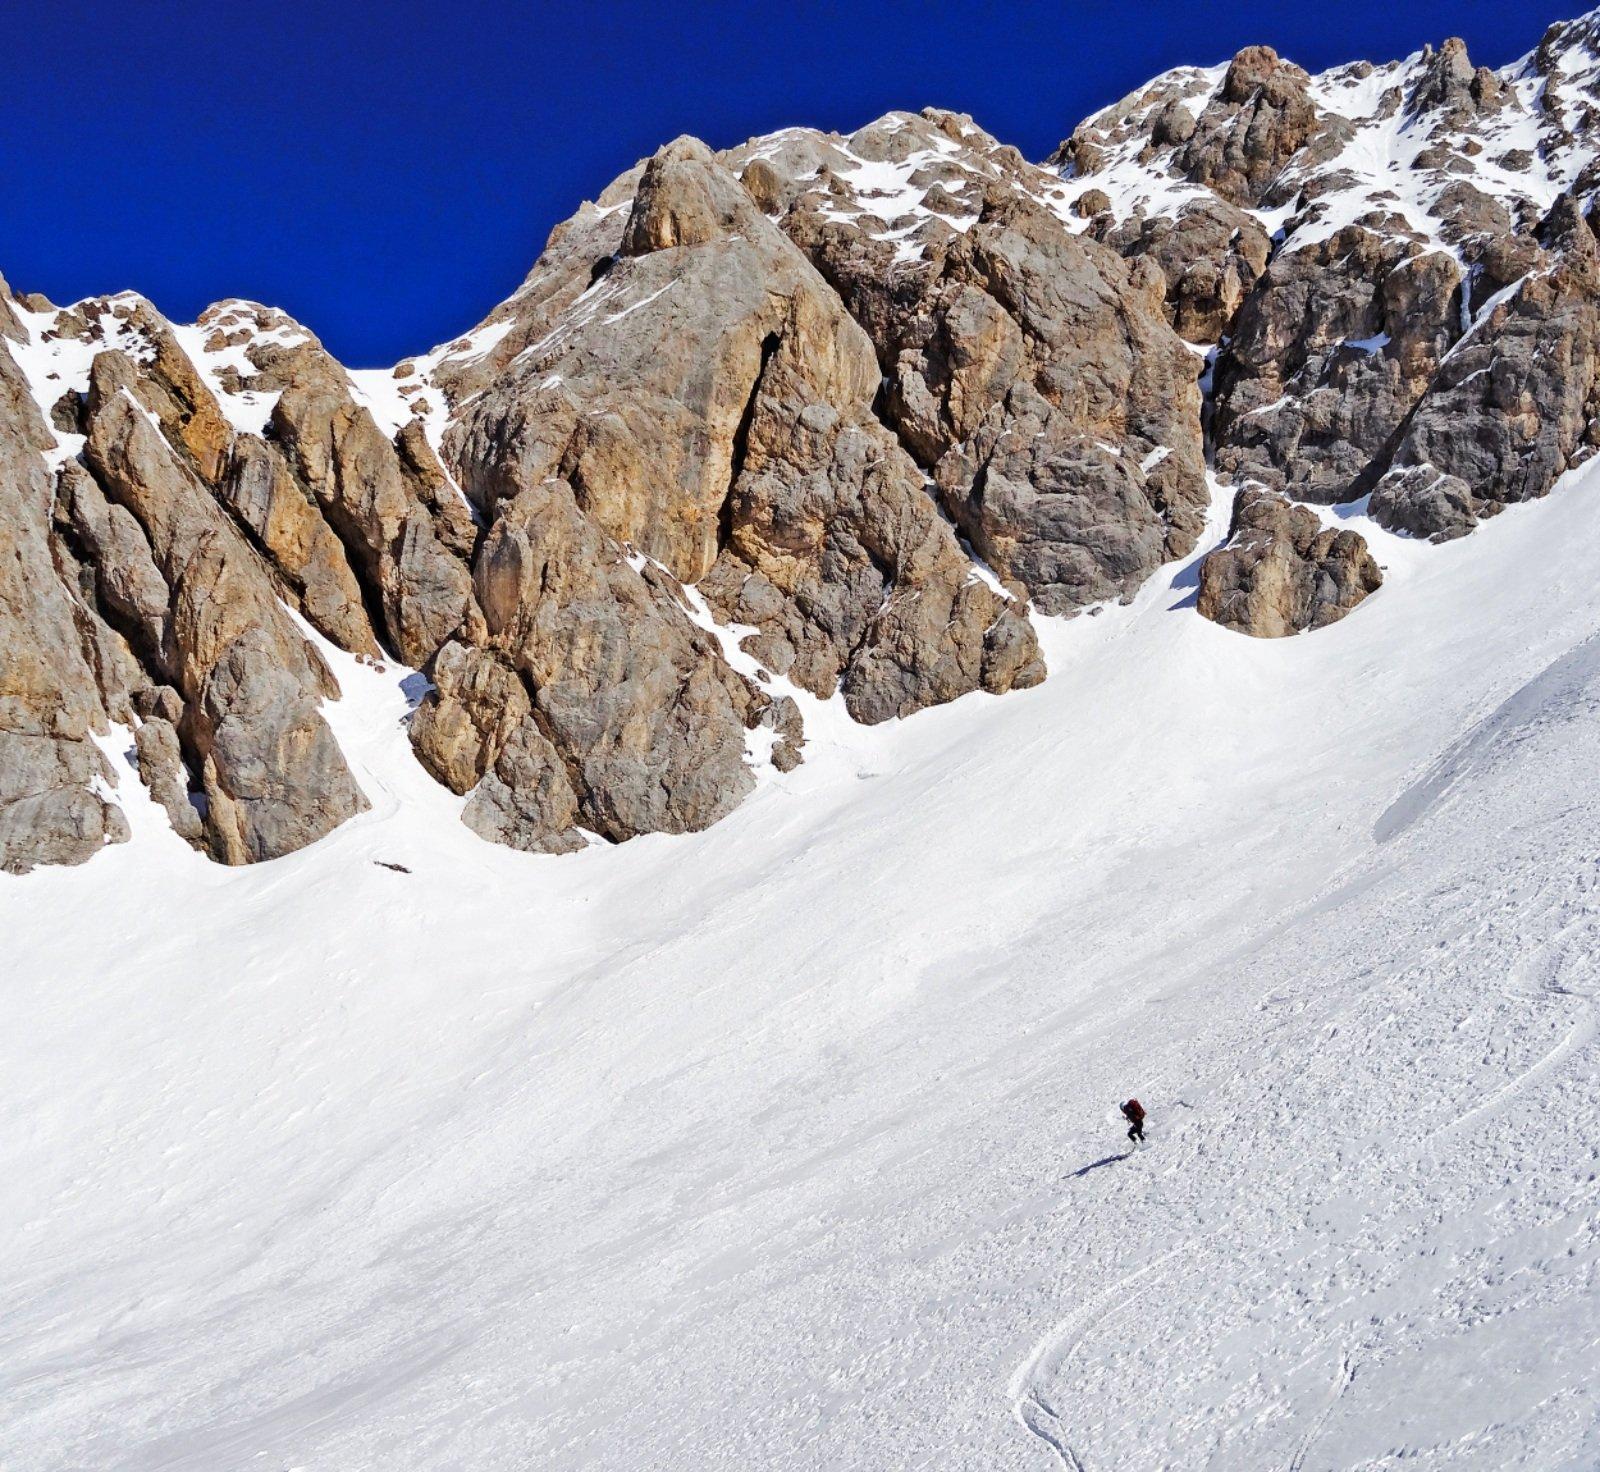 Ombrettola (Cima) da Alba di Canazei per la Val Contrin 2019-02-21